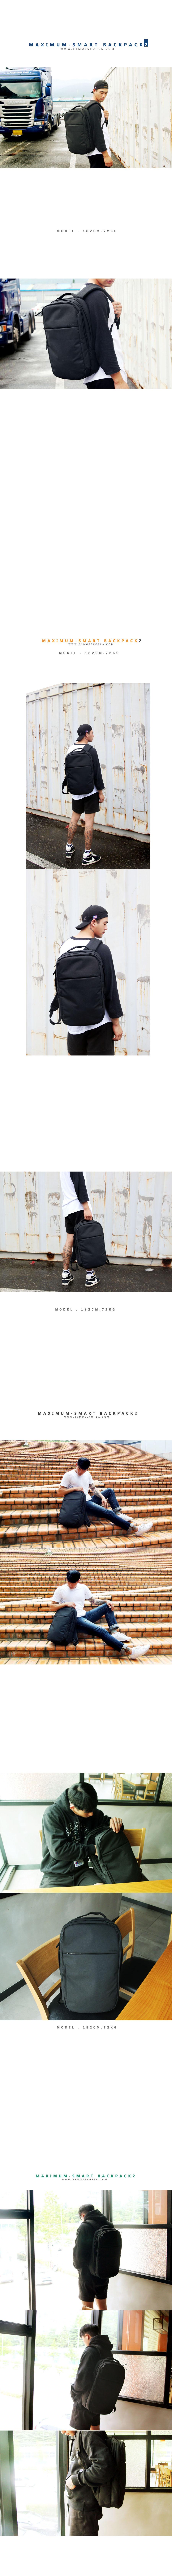 플레이어 단독특가 [바이모스] 백팩 맥시멈스마트백팩2탄 - 블랙 - 대학생백팩 대학생백팩 여자백팩